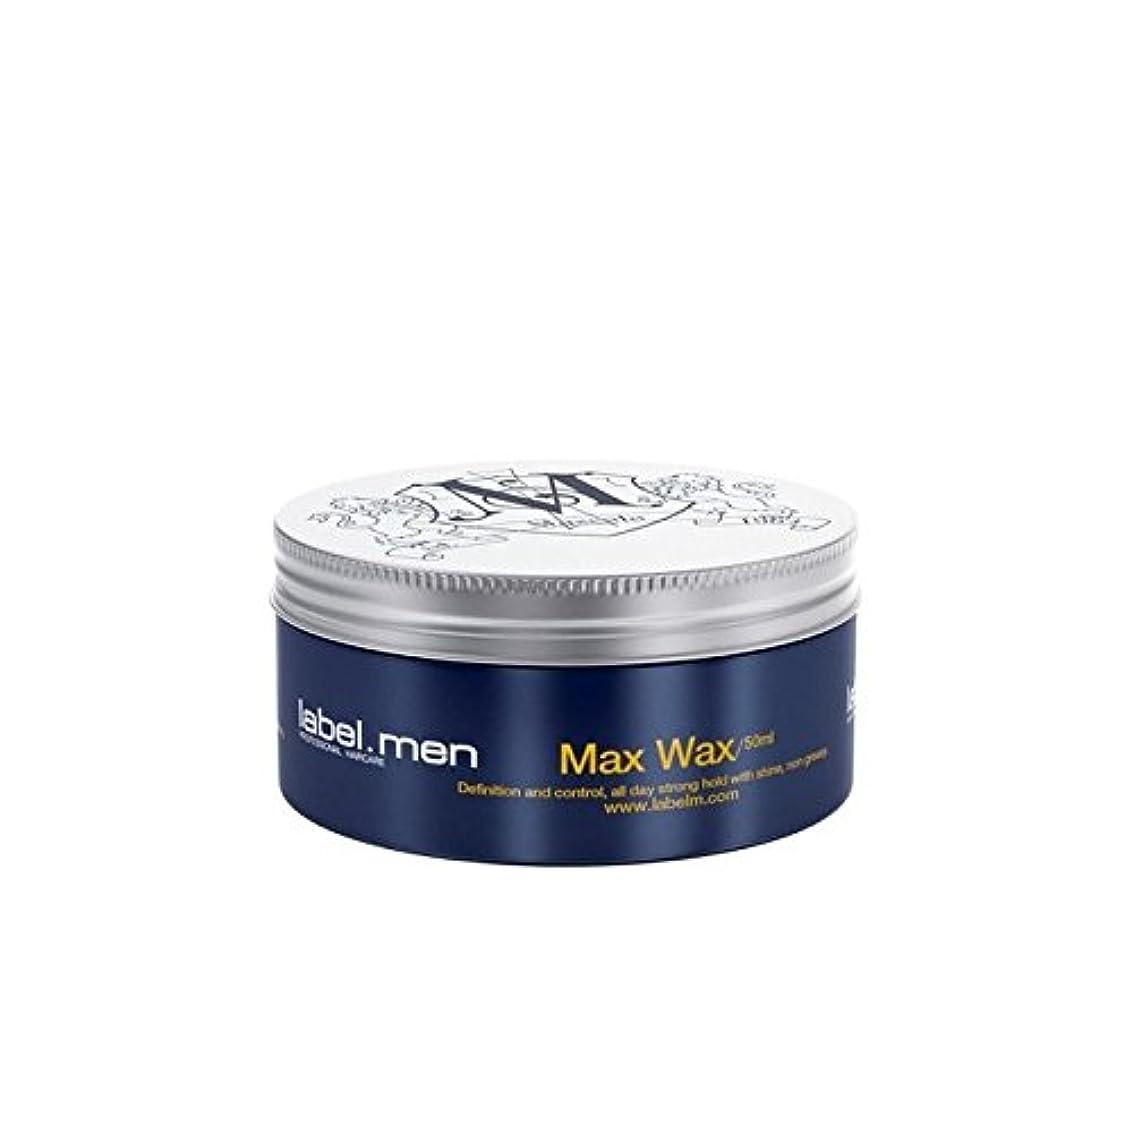 発送珍味プランテーションLabel.Men Max Wax (50ml) - .マックスワックス(50ミリリットル) [並行輸入品]